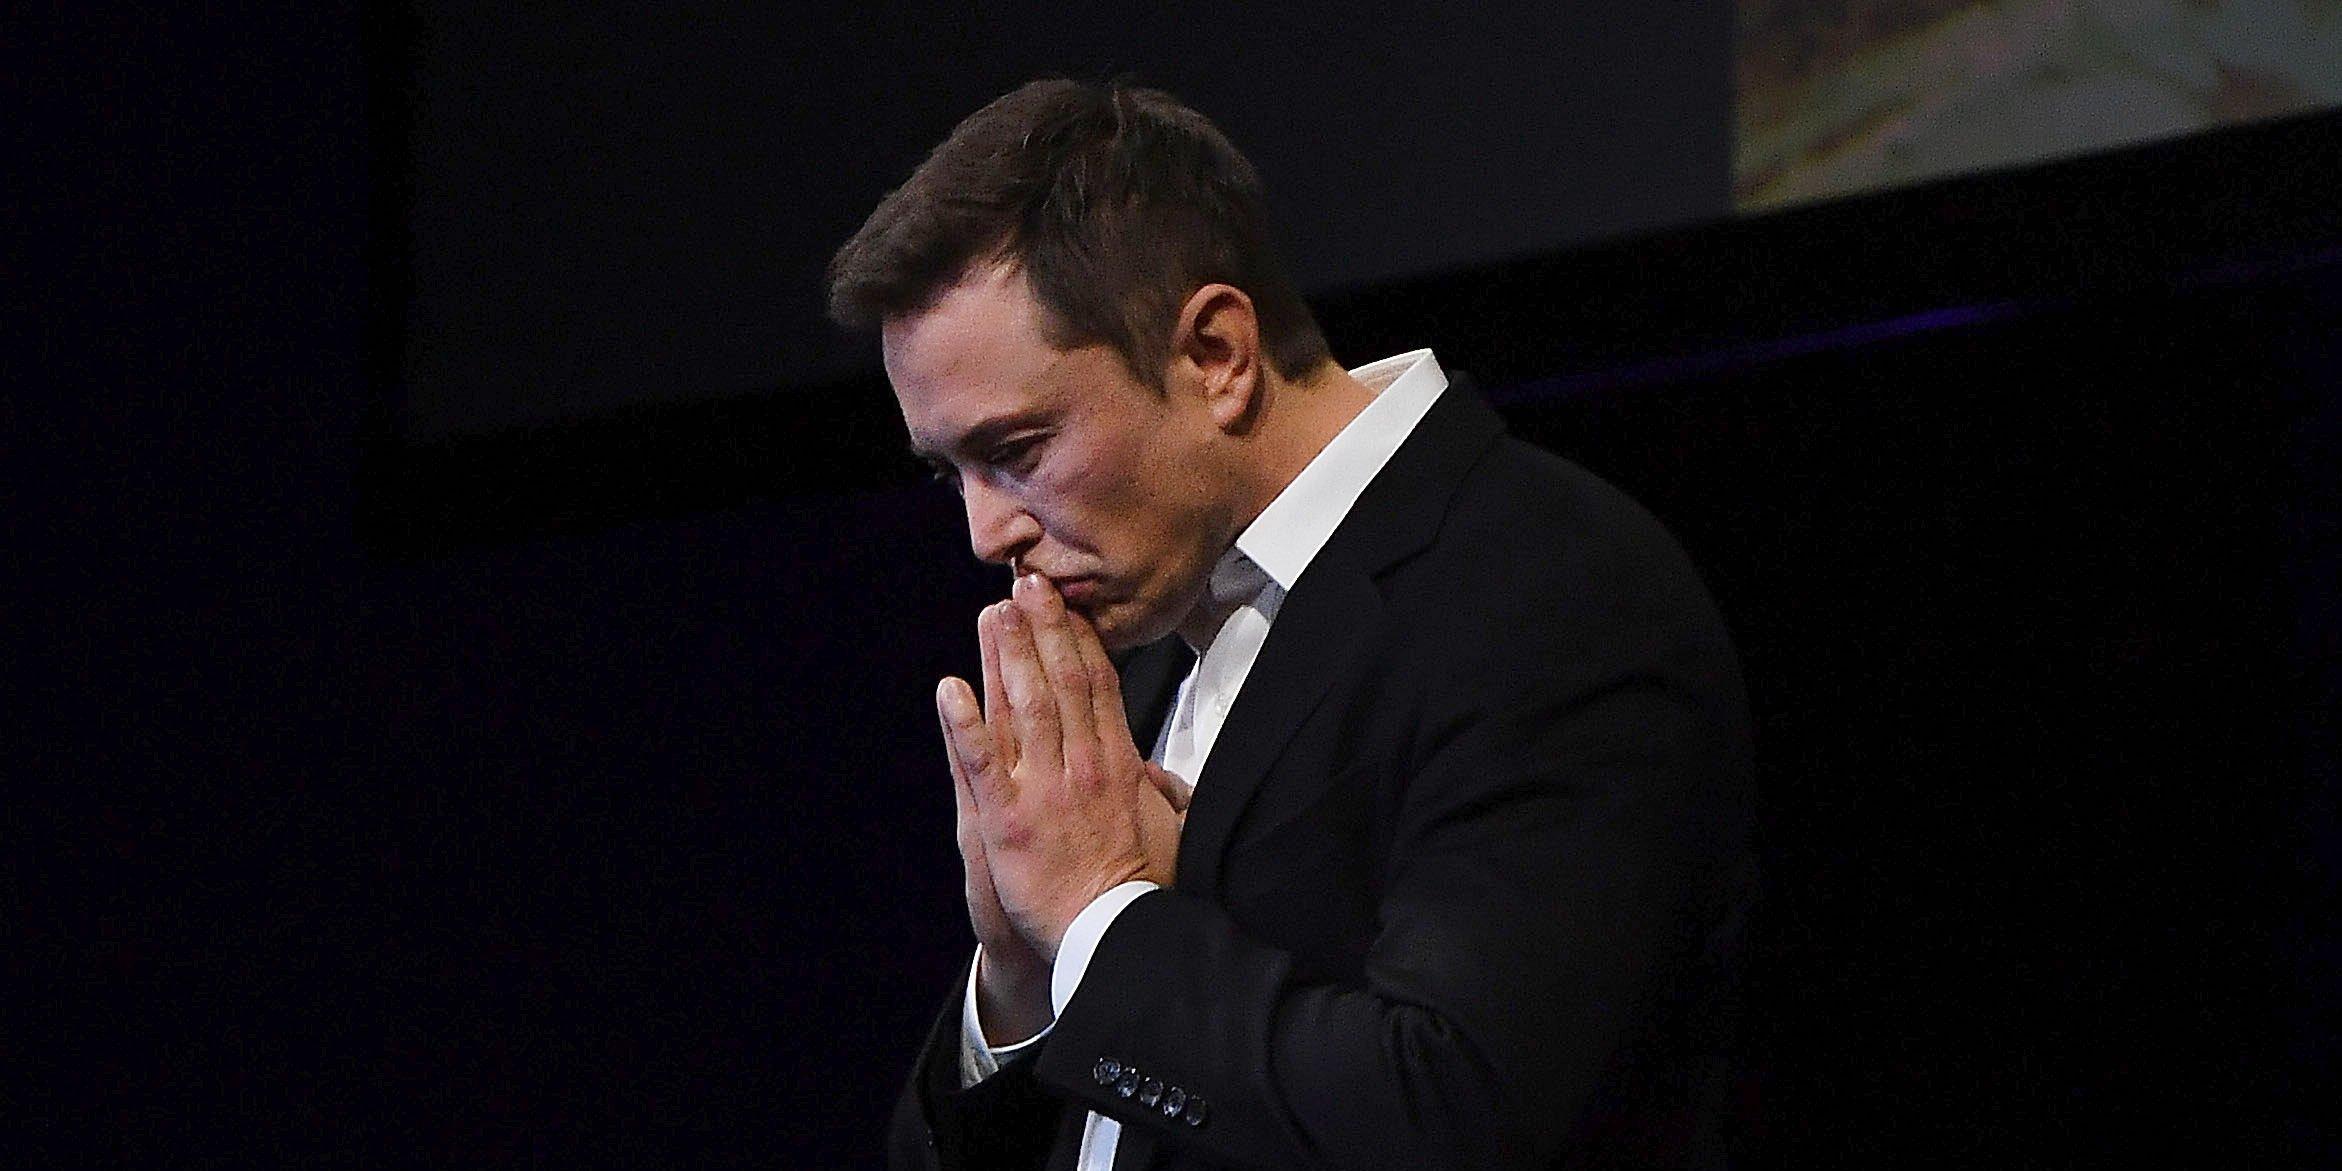 """Công ty của """"người sắt"""" Elon Musk đối mặt với số phận bấp bênh - 1"""